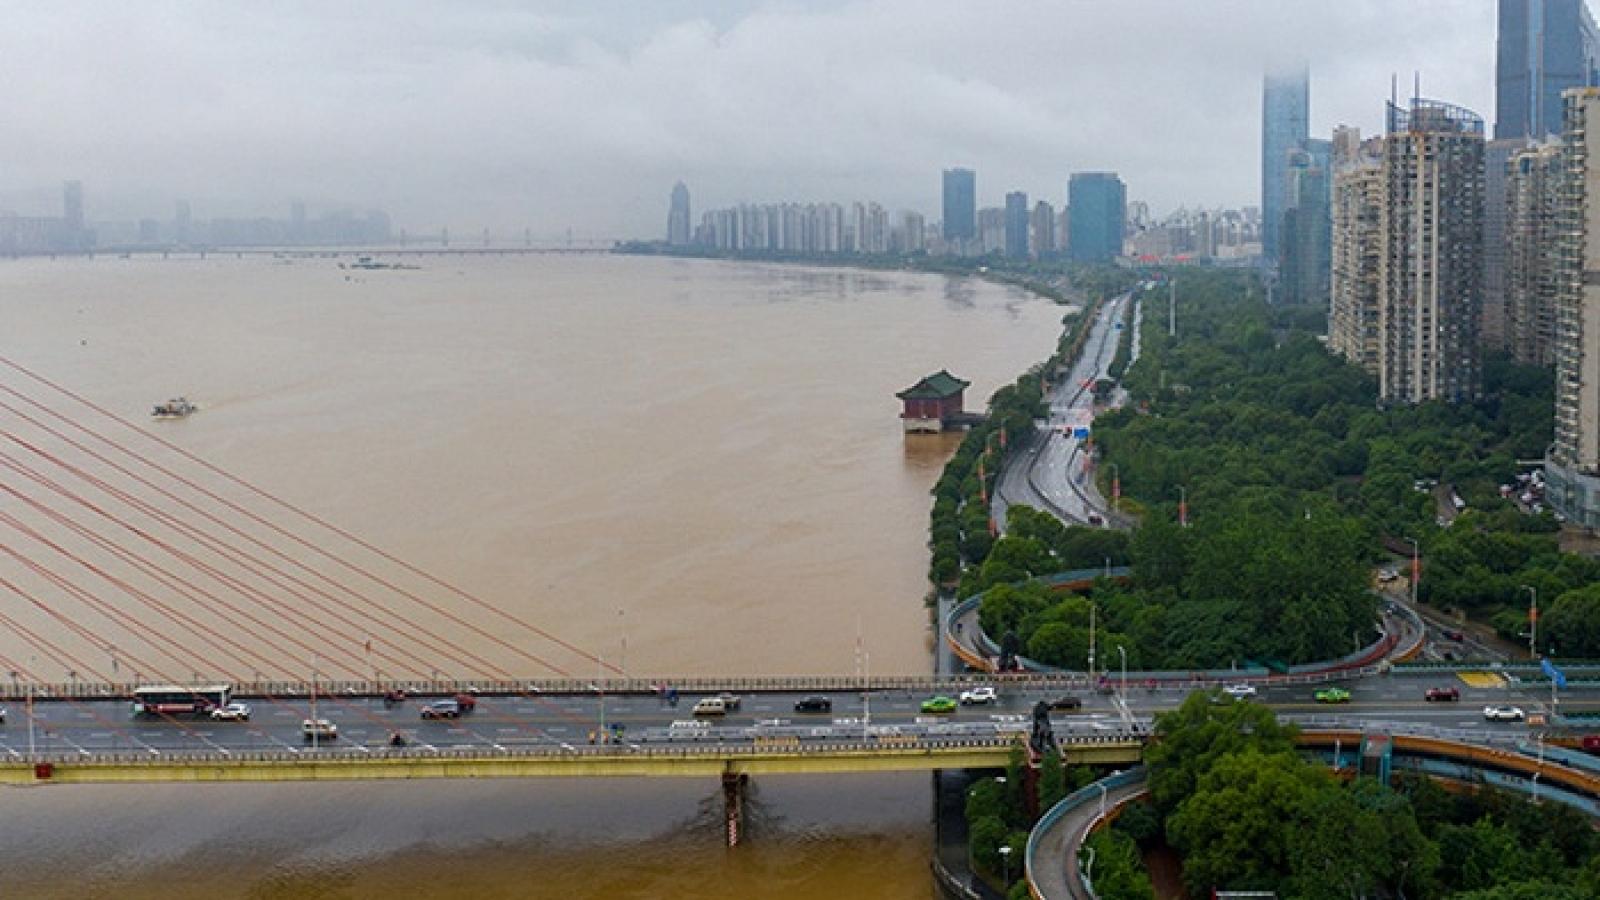 Chưa đến mùa lũ, Trung Quốc đã có gần 100 con sông vượt cảnh báo